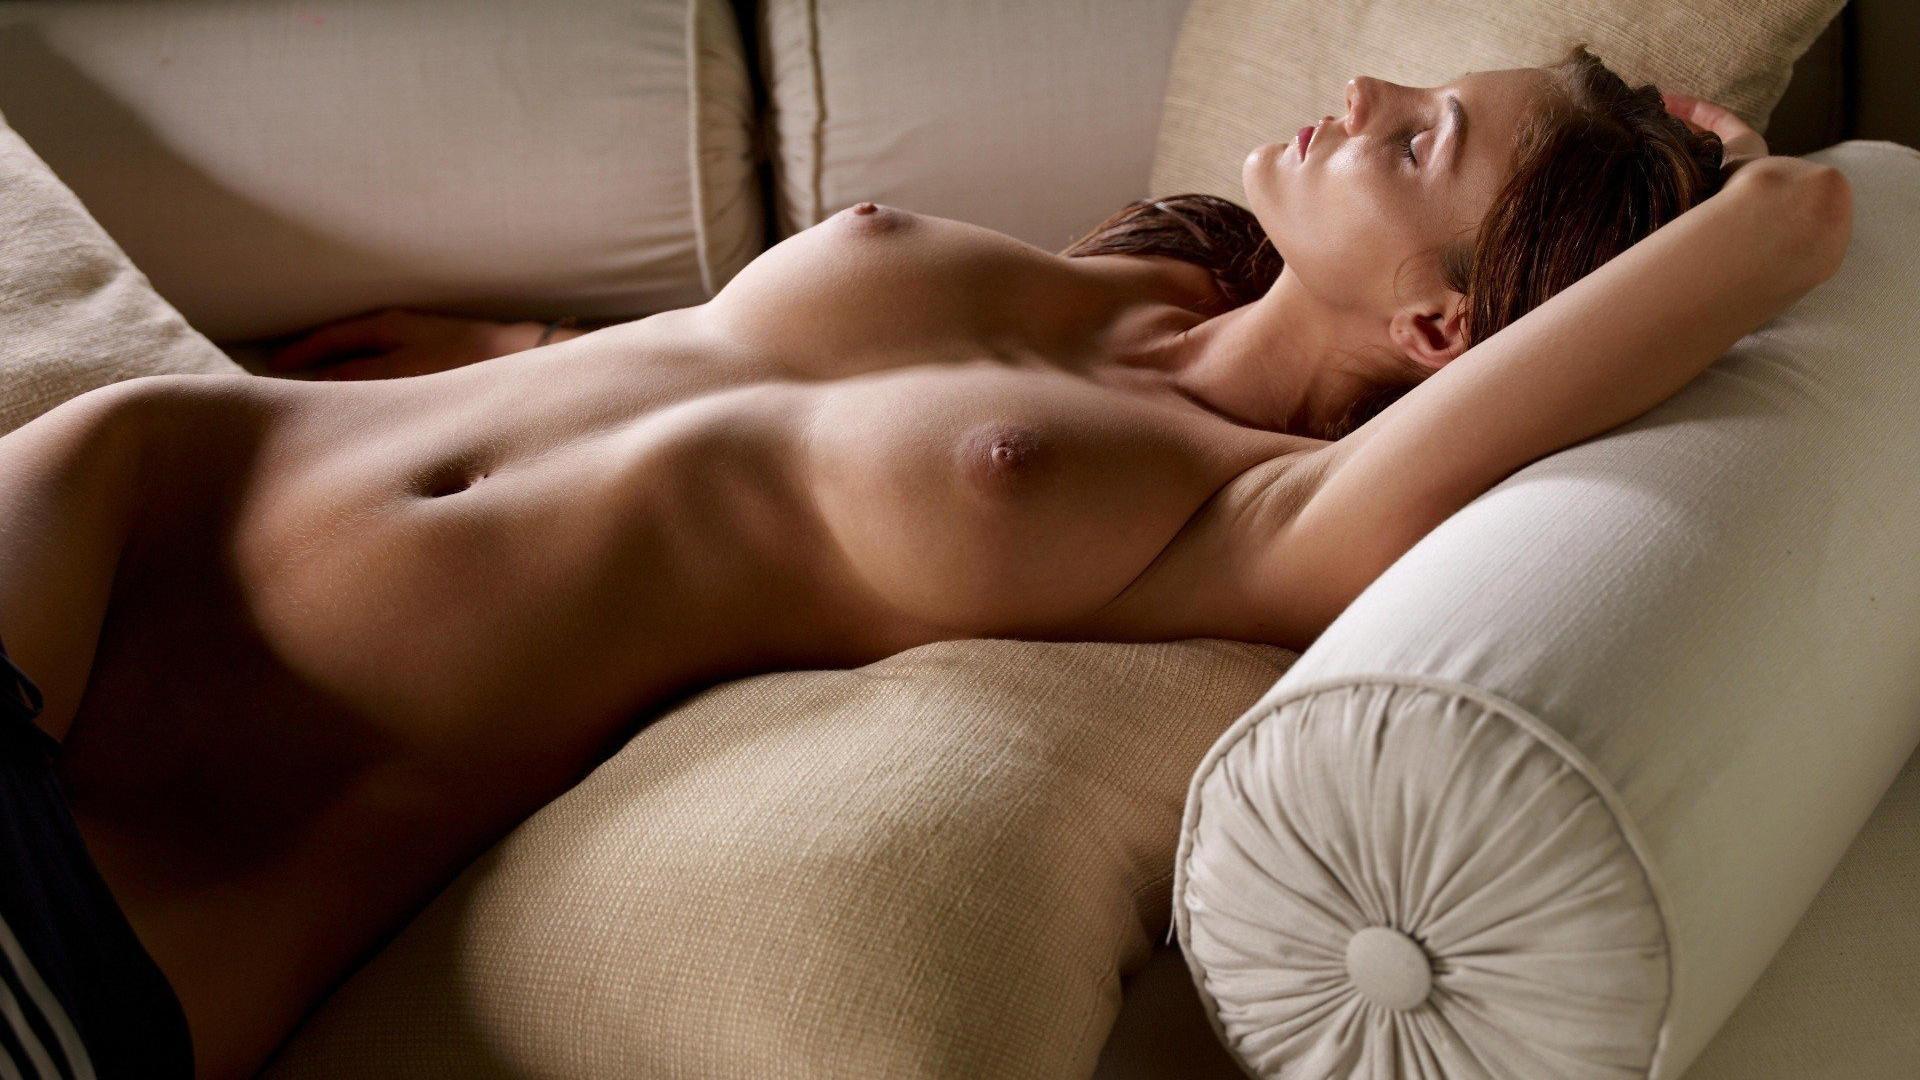 de  ErotikKleinanzeigen Erotik SEX Kontakte kostenlos!